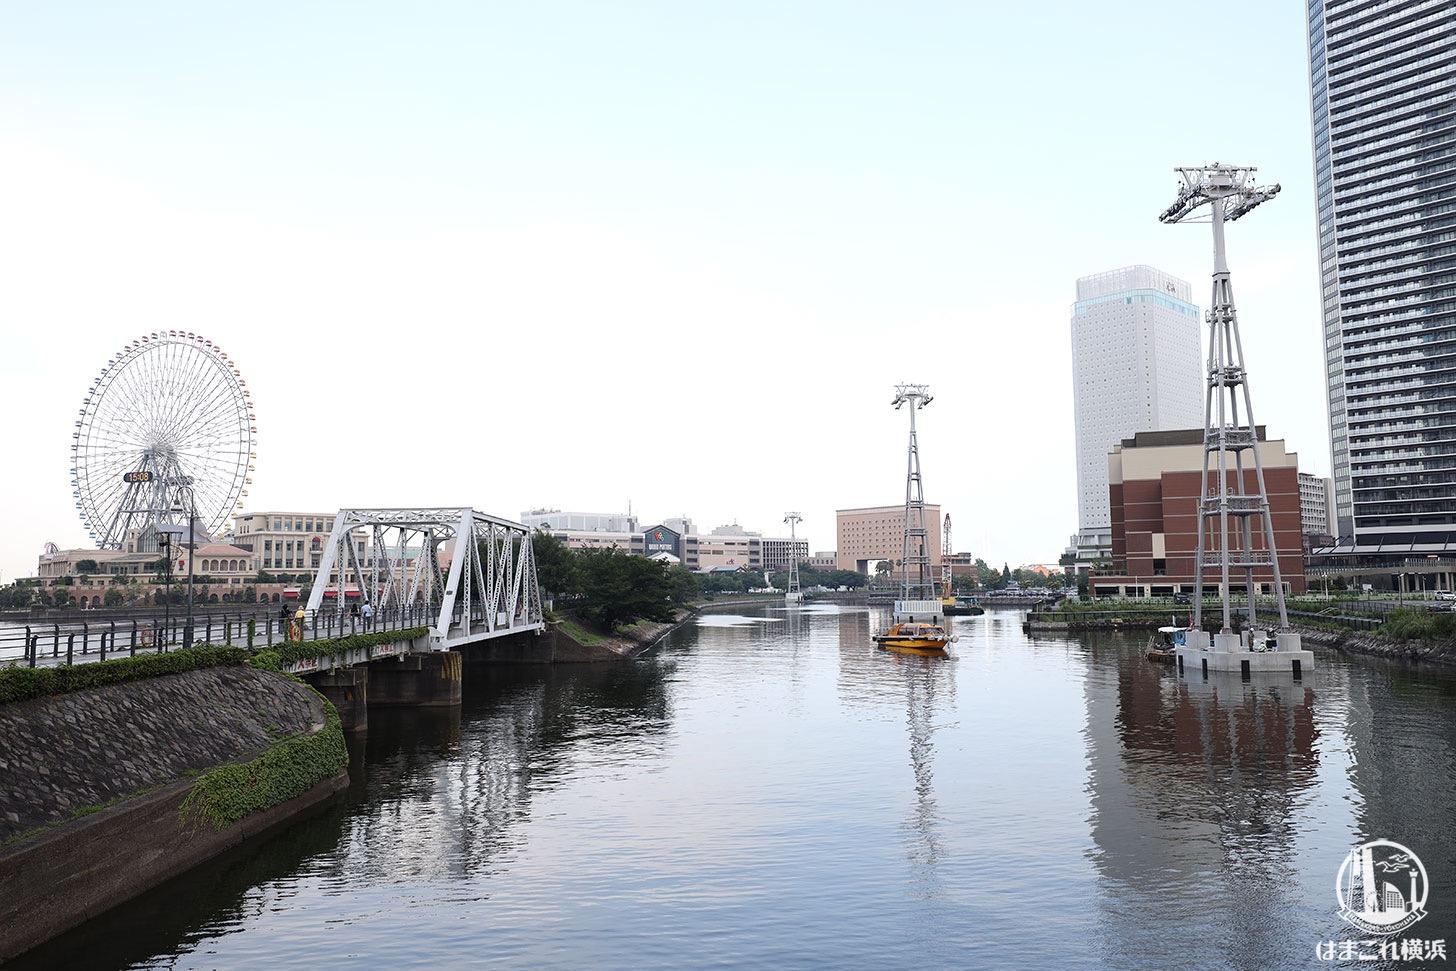 運河に立つロープウェイ支柱